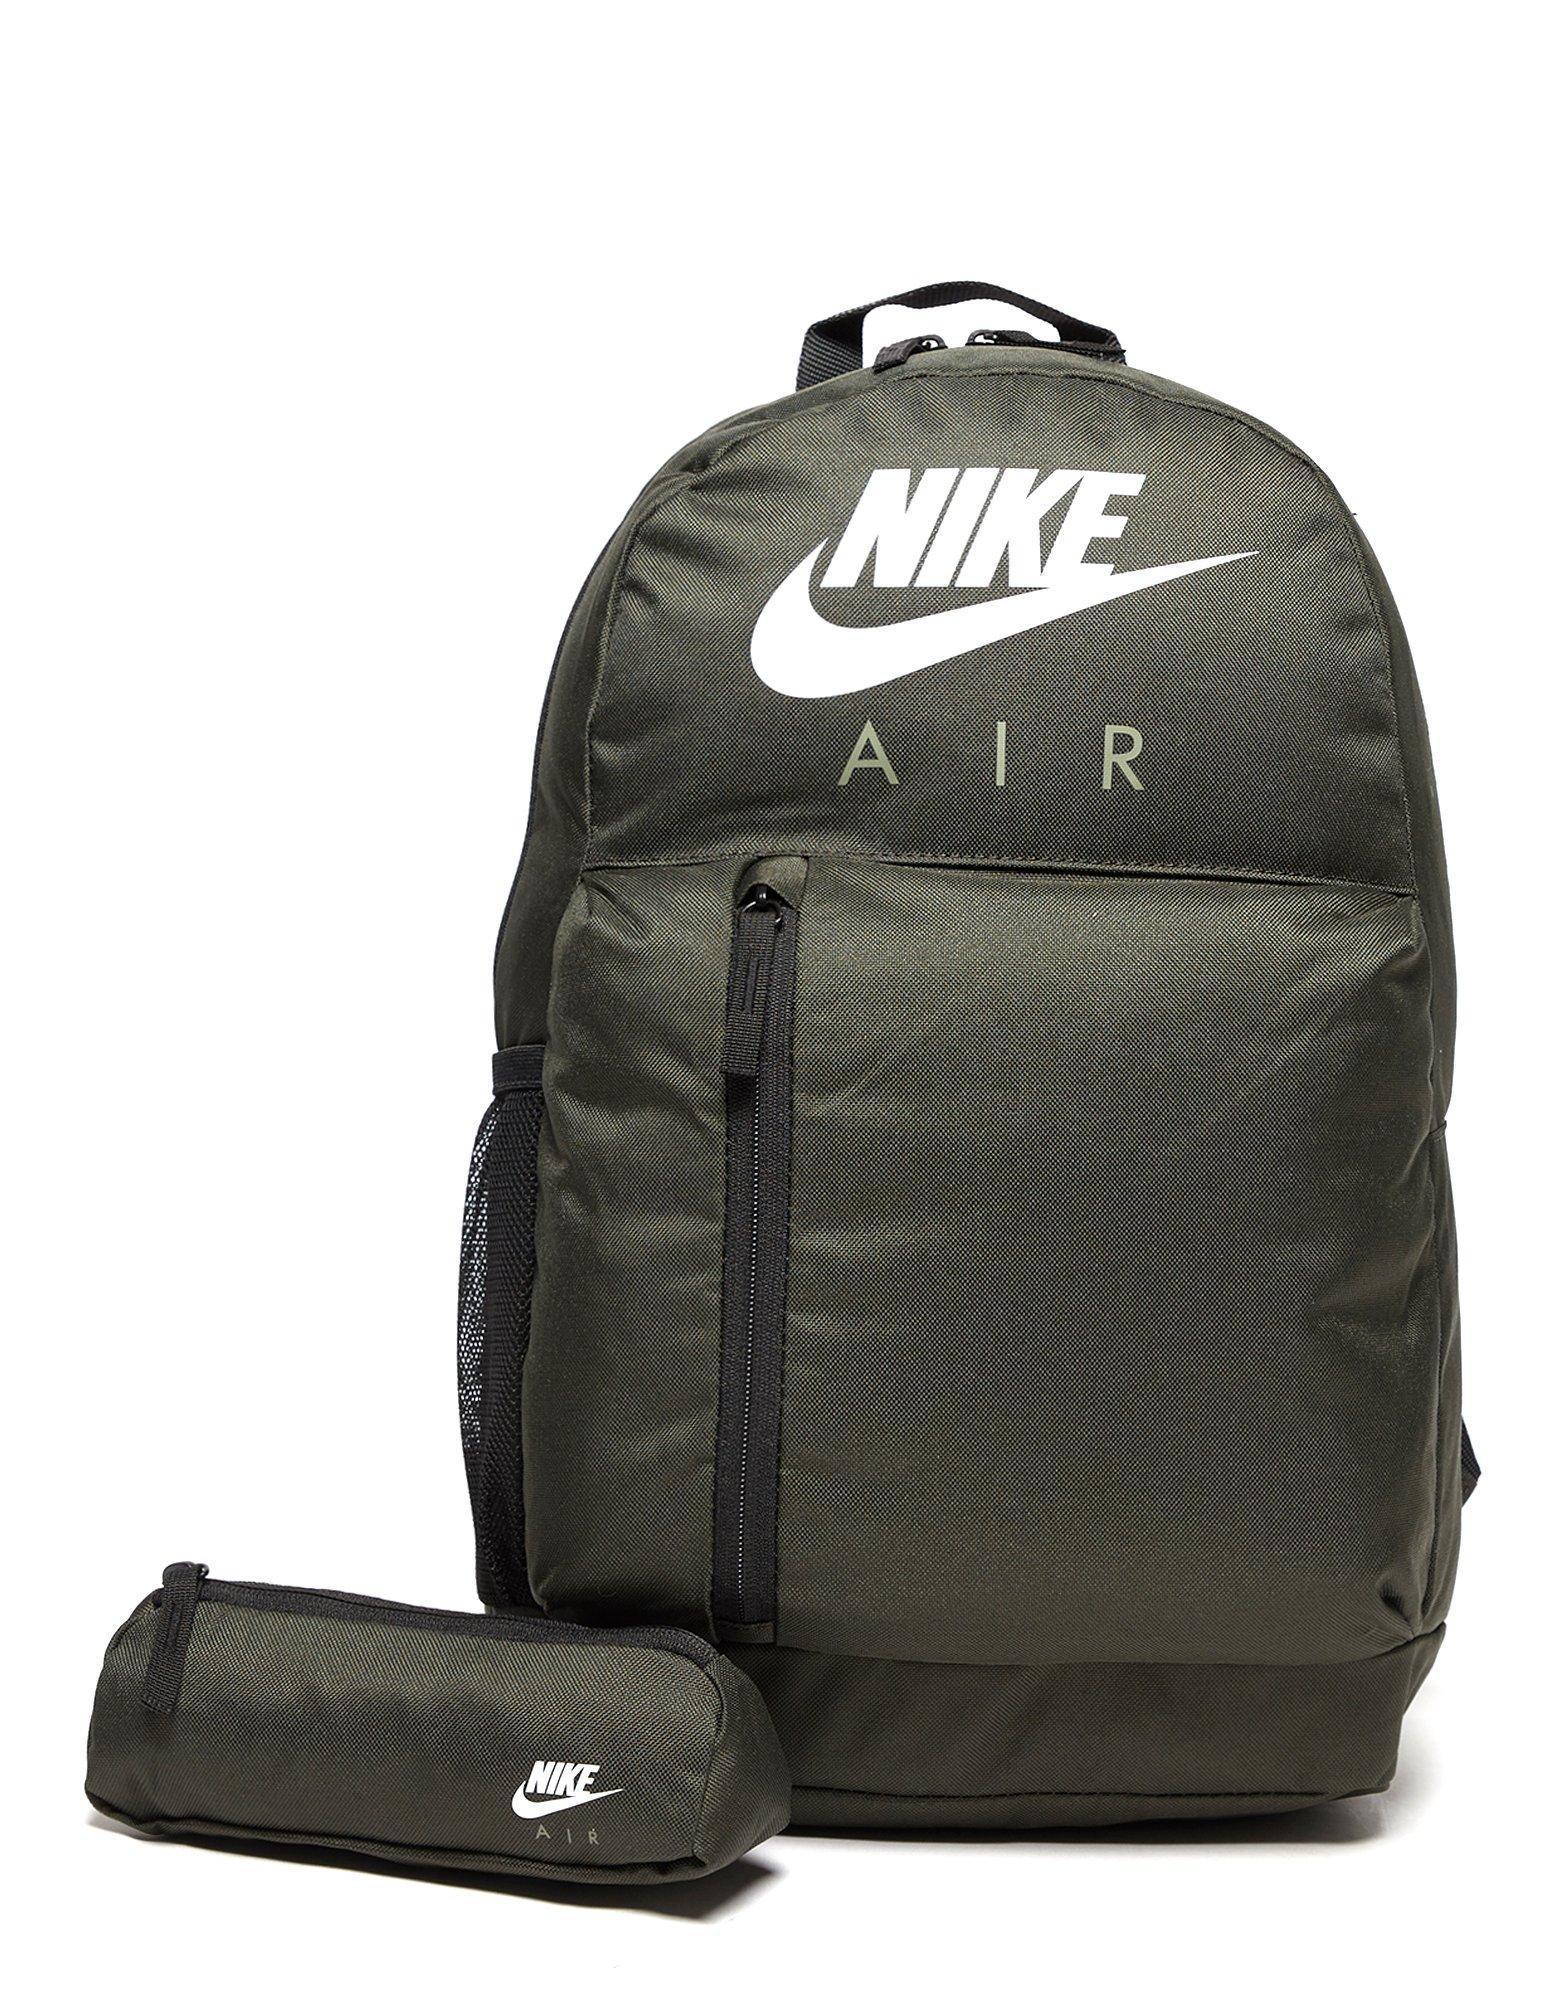 22f9d1ec3c54 Jd Sports Nike Air Backpack